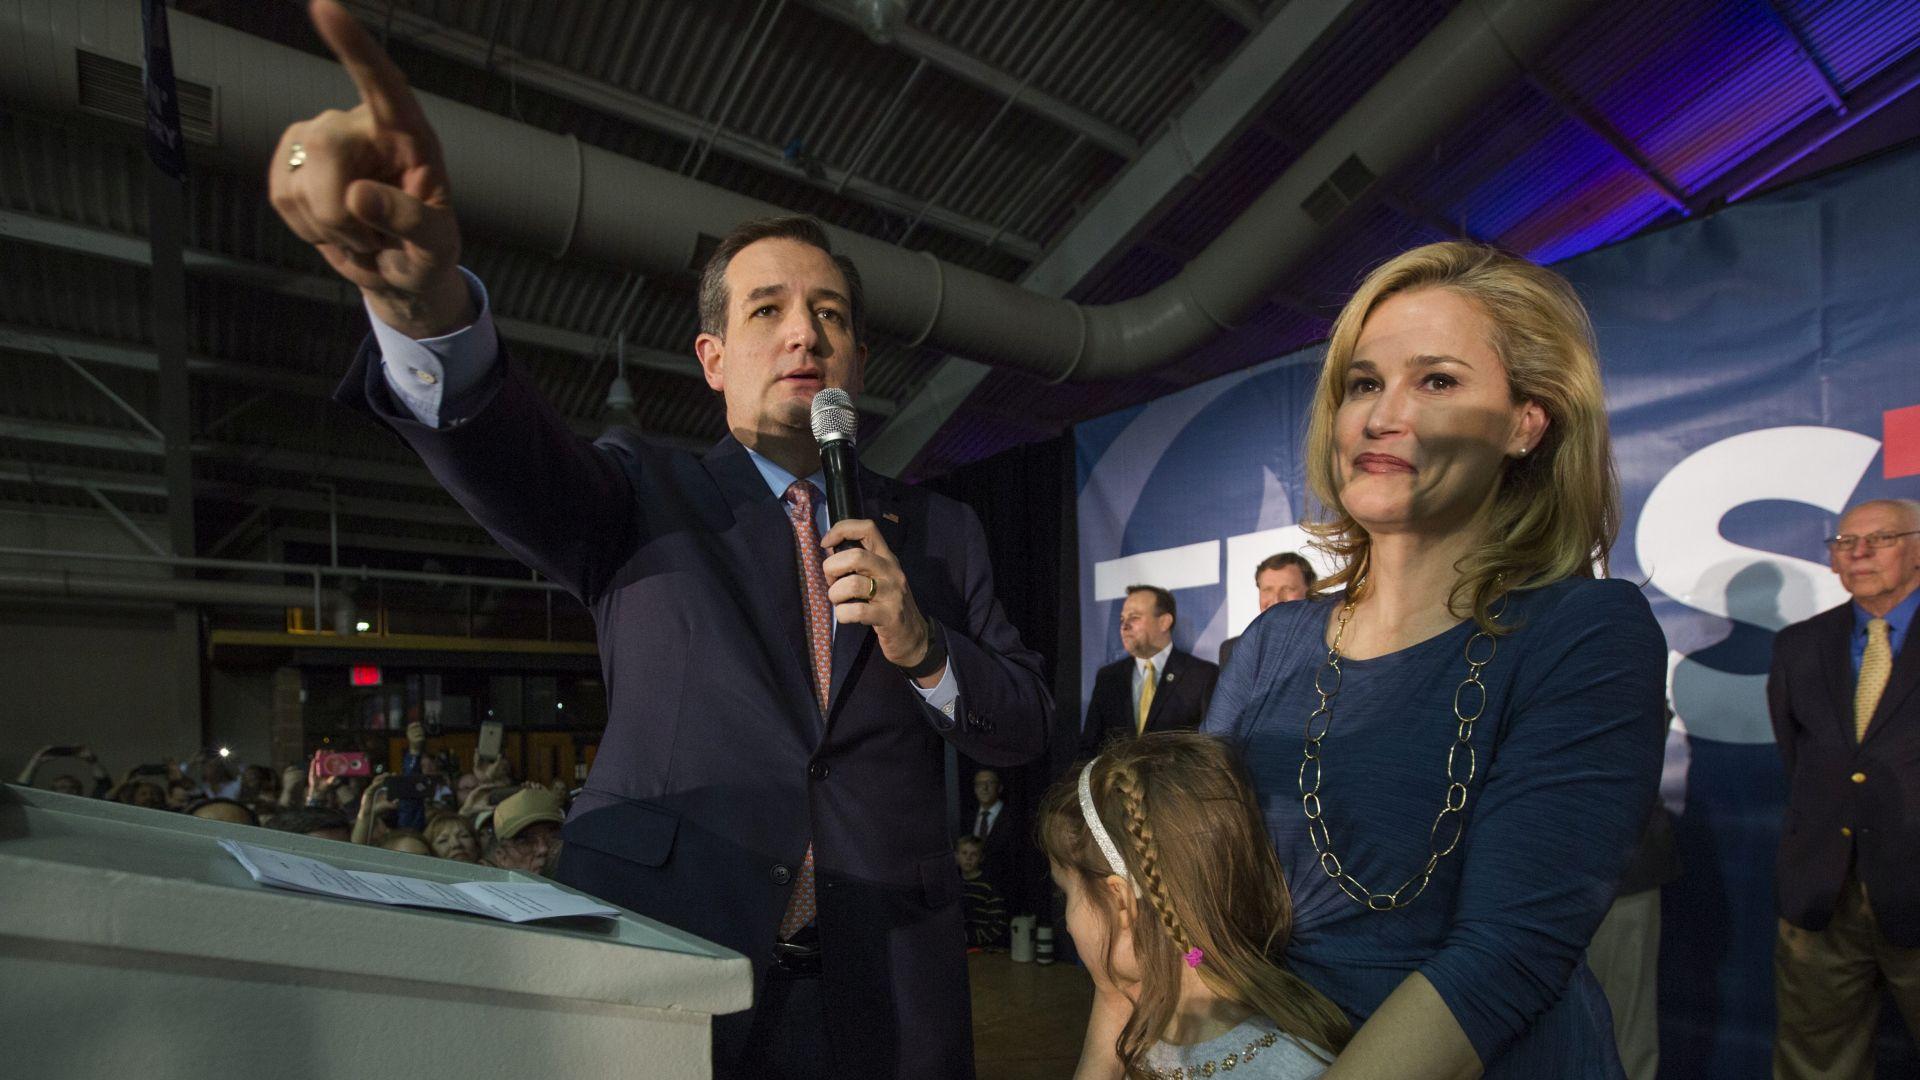 PRETEKAO DONALDA TRUMPA Cruz pobijedio na republikanskim predizborima u Iowi, demokrati Clinton i Sanders izjednačeni